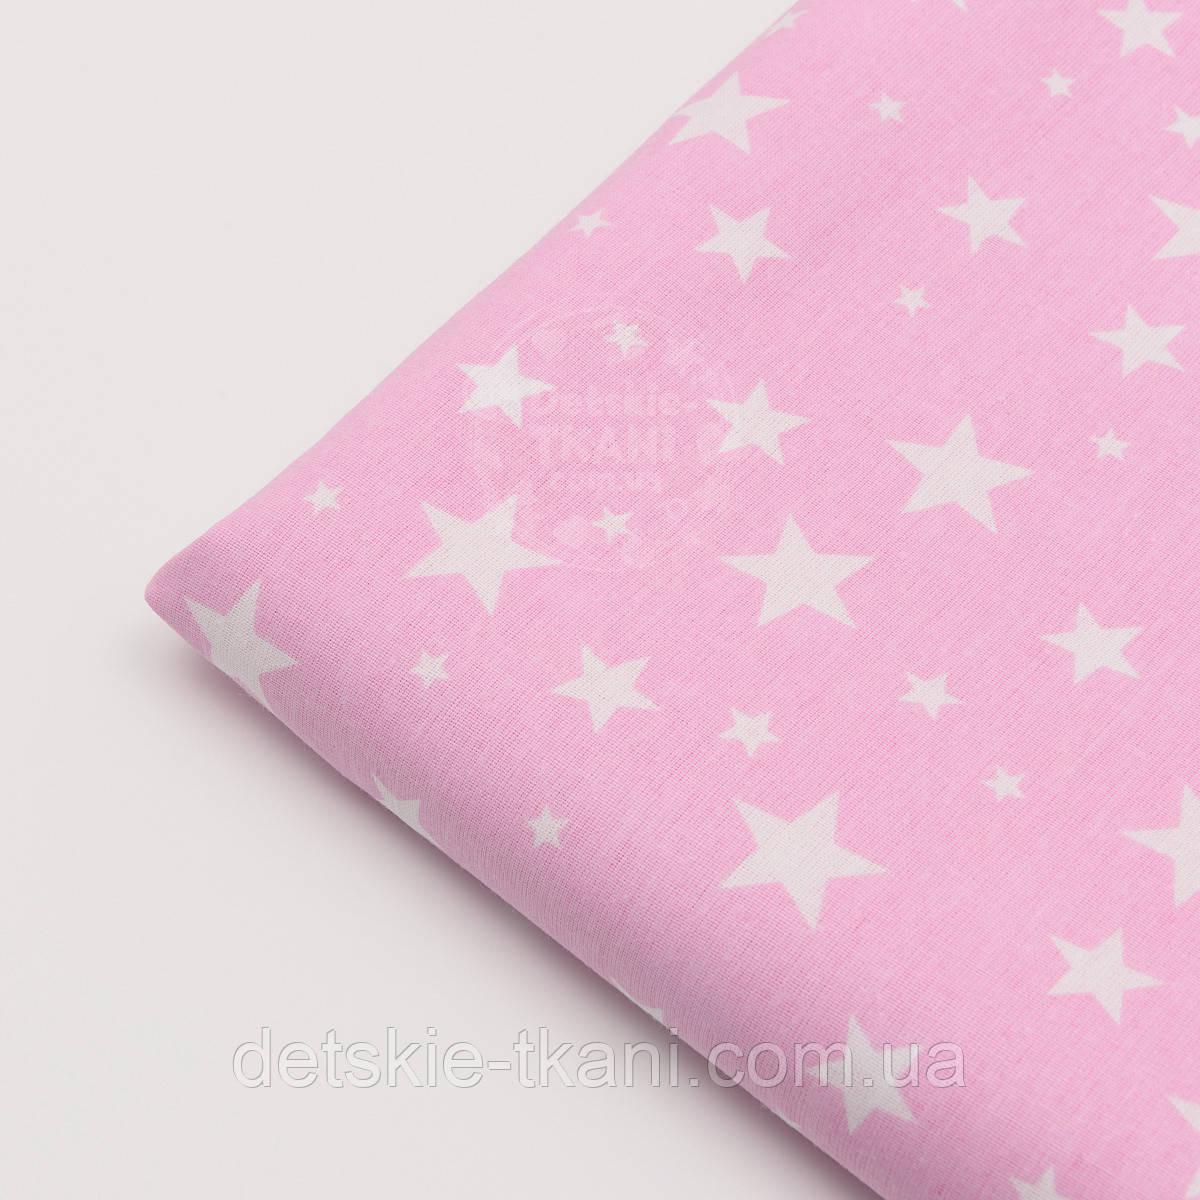 """Лоскут ткани №989 """"Звёздная россыпь"""" с белыми звёздочками на розовом фоне"""